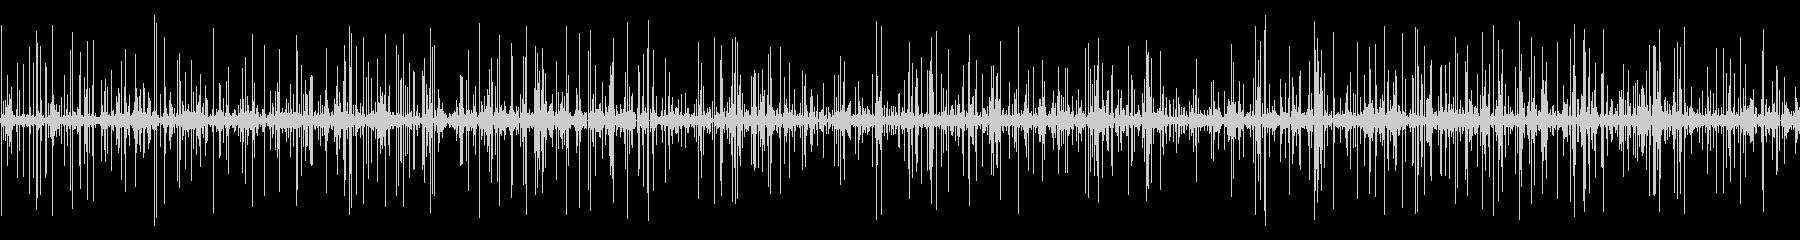 LPレコードプレーヤー:33 RP...の未再生の波形